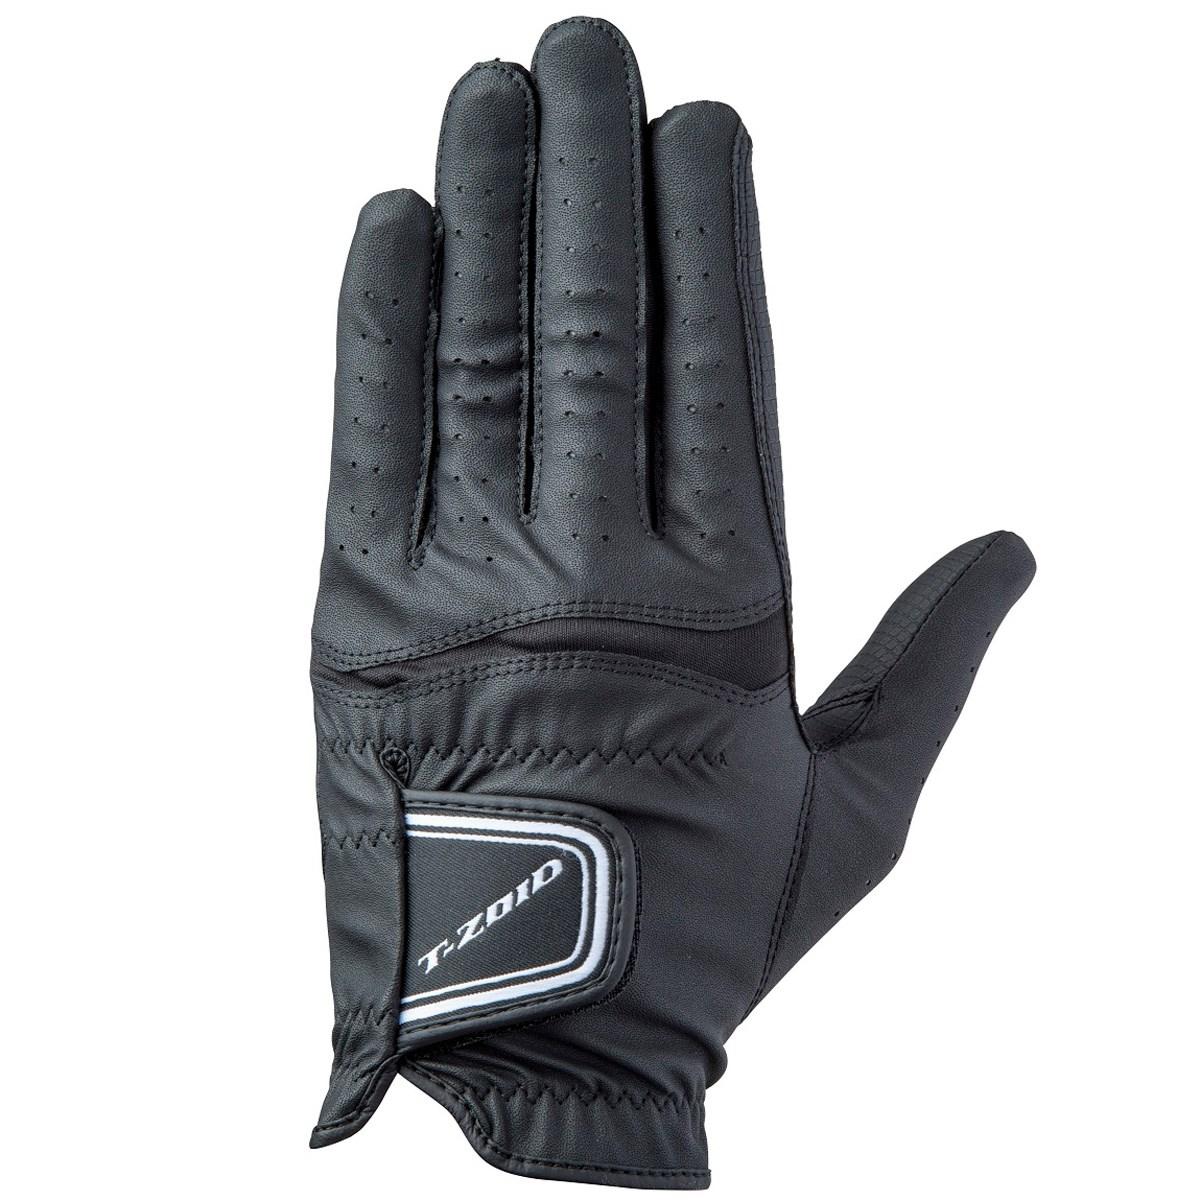 ミズノ T-ZOID グローブ 5枚セット 21cm 左手着用(右利き用) ブラック